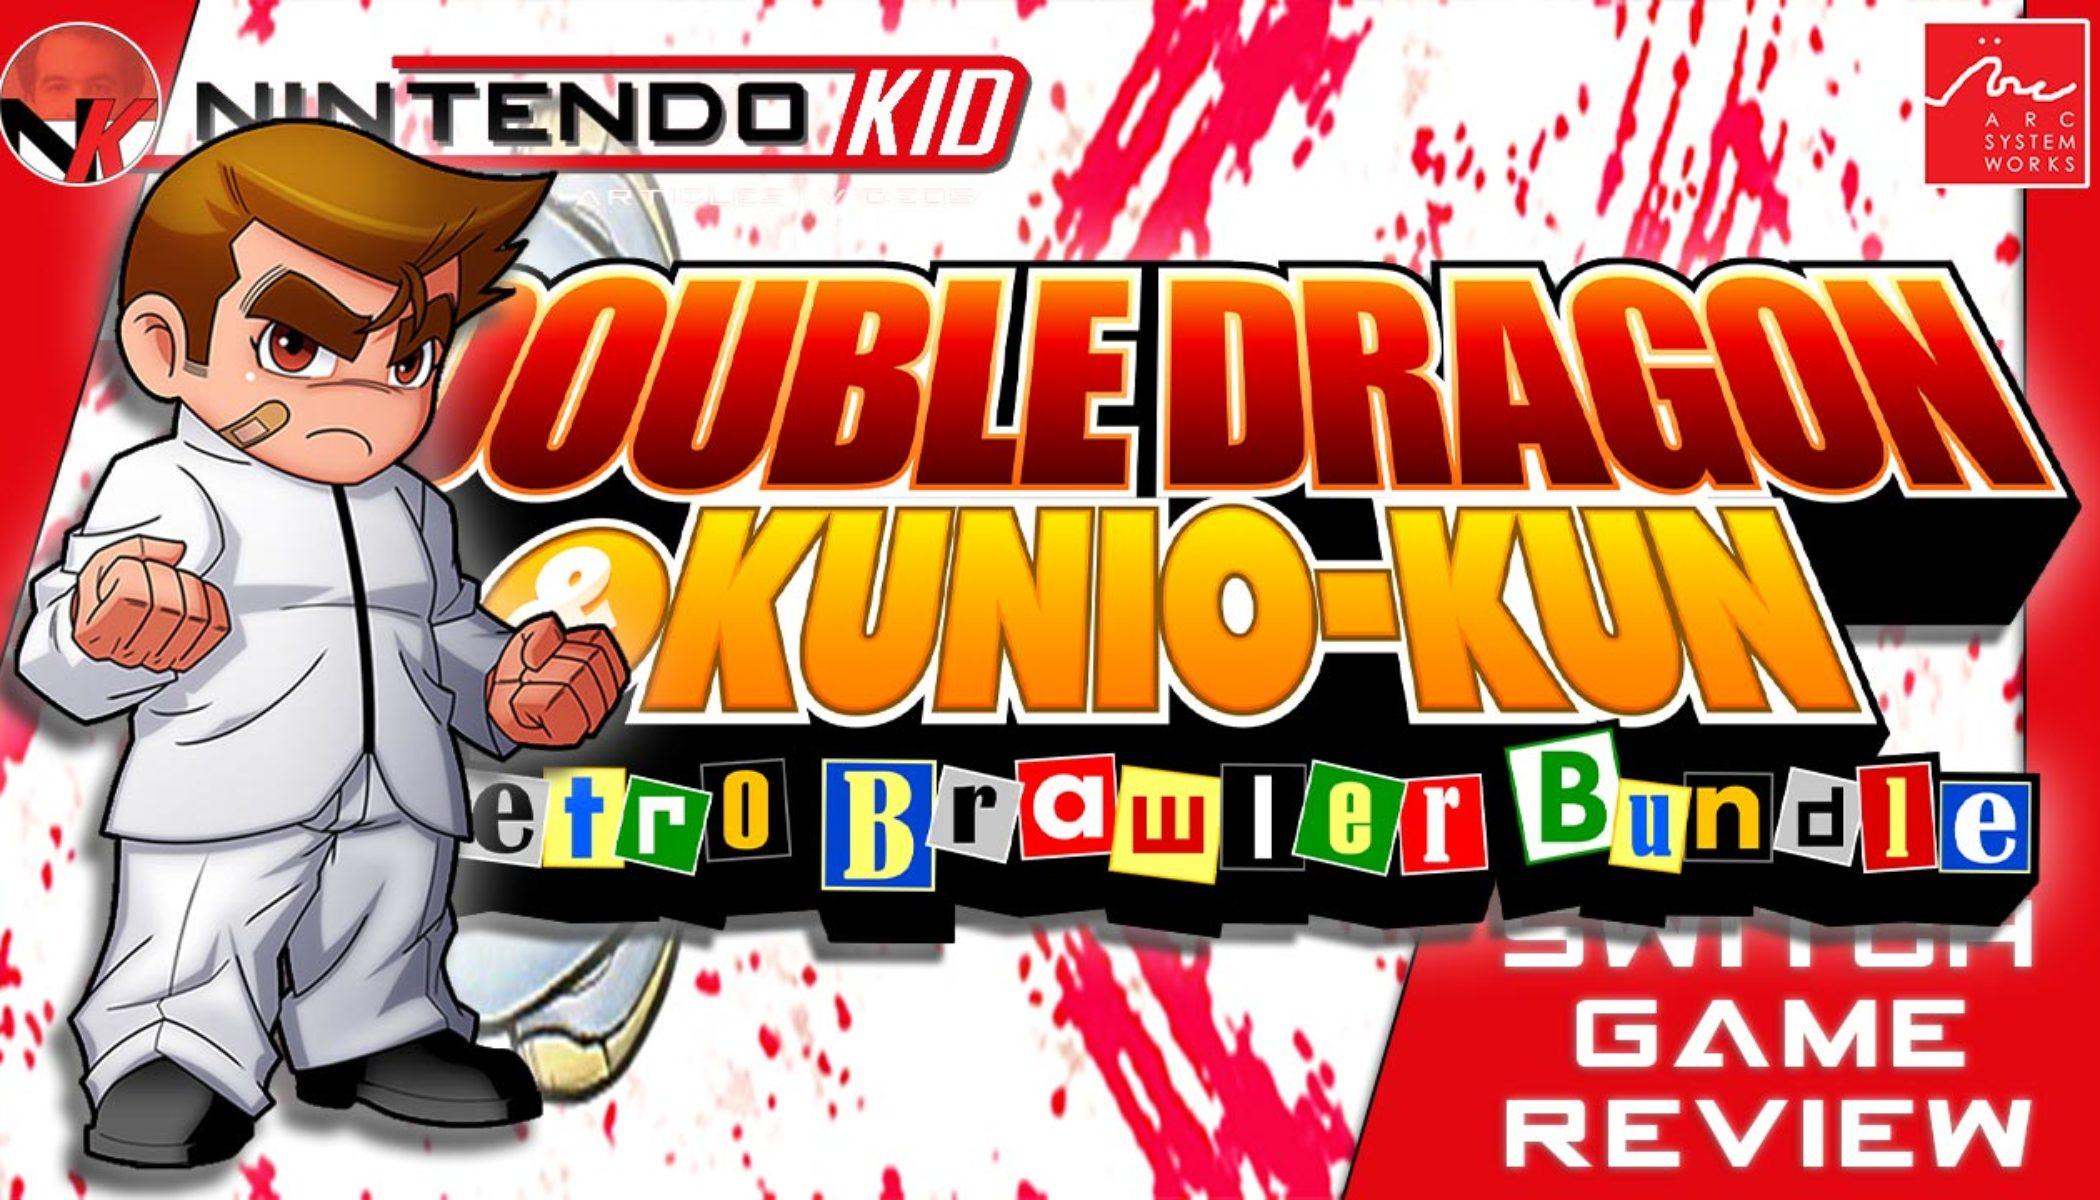 Double Dragon Kunio Kun Retro Brawler Bundle In Depth Review Gaming Central